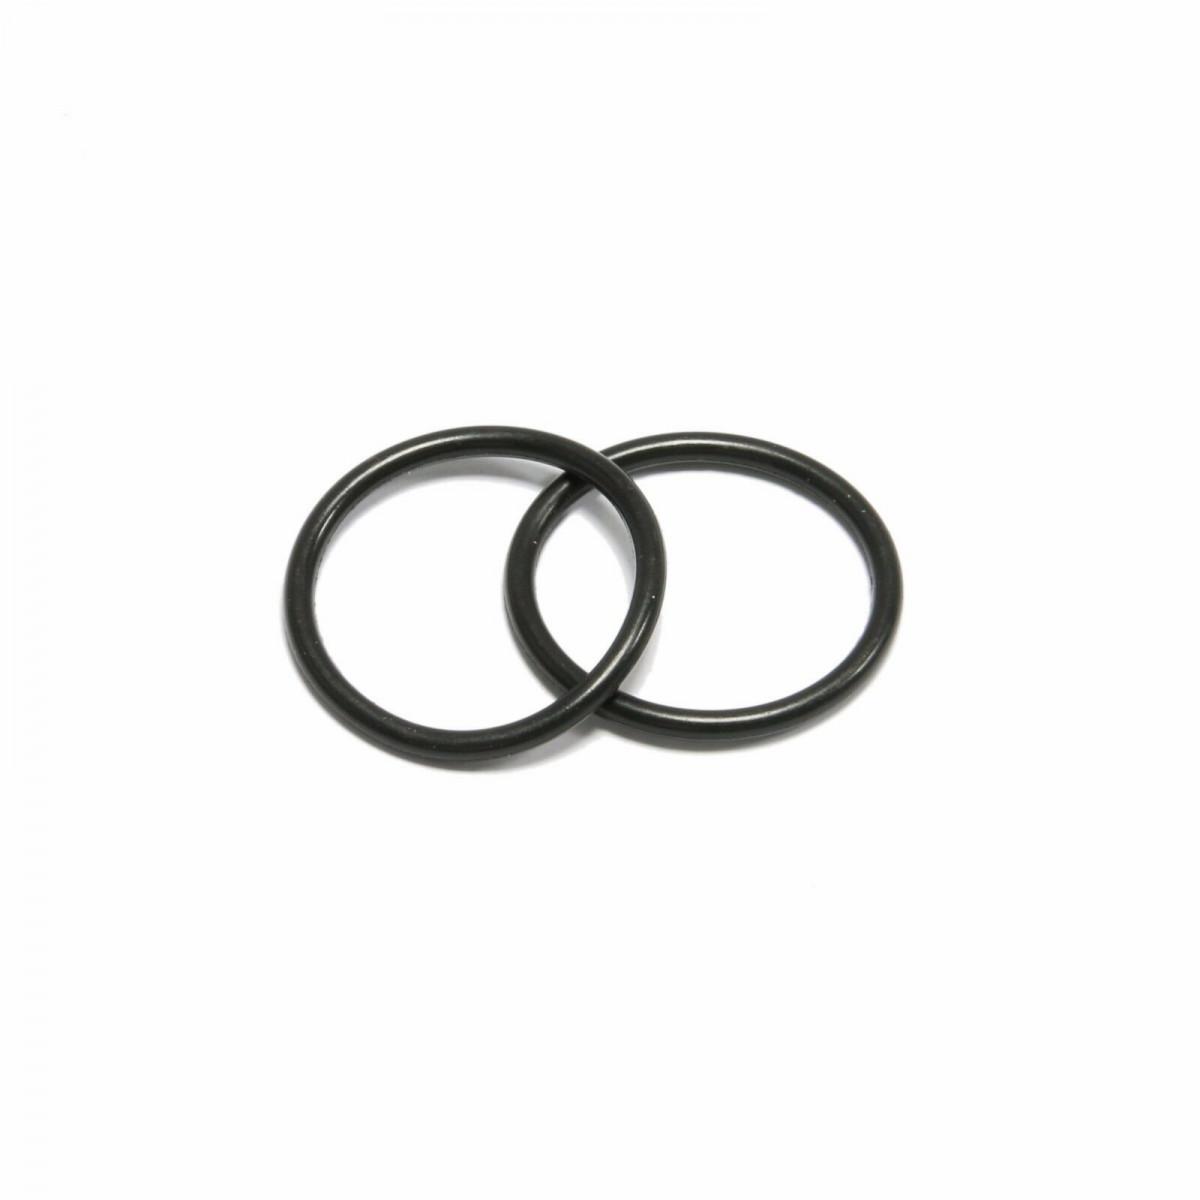 Кольцо резиновое к крану сливному КПЭМ (Сальник-прокладка 1,5